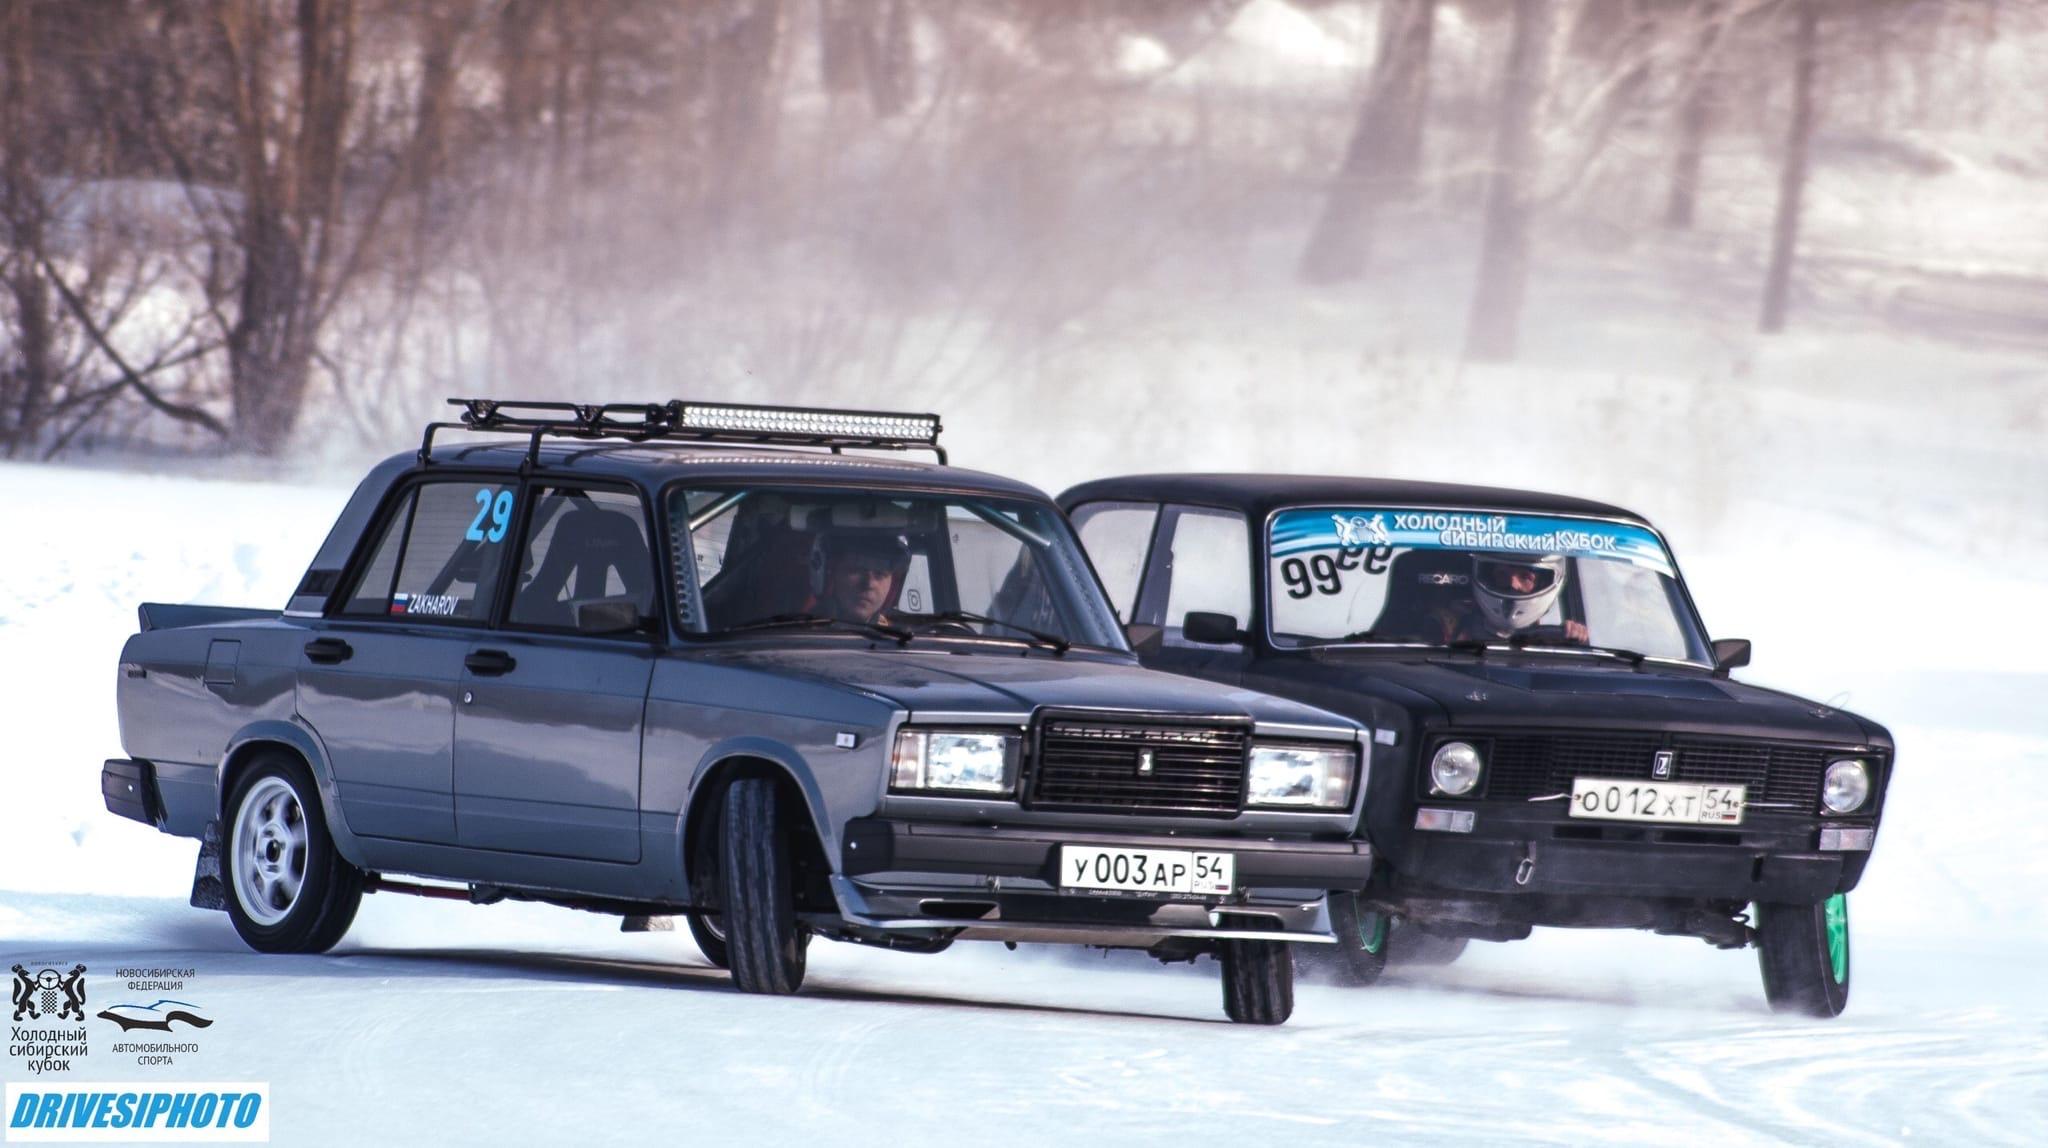 Предварительный календарь «Холодный Сибирский кубок» г.Новосибирск